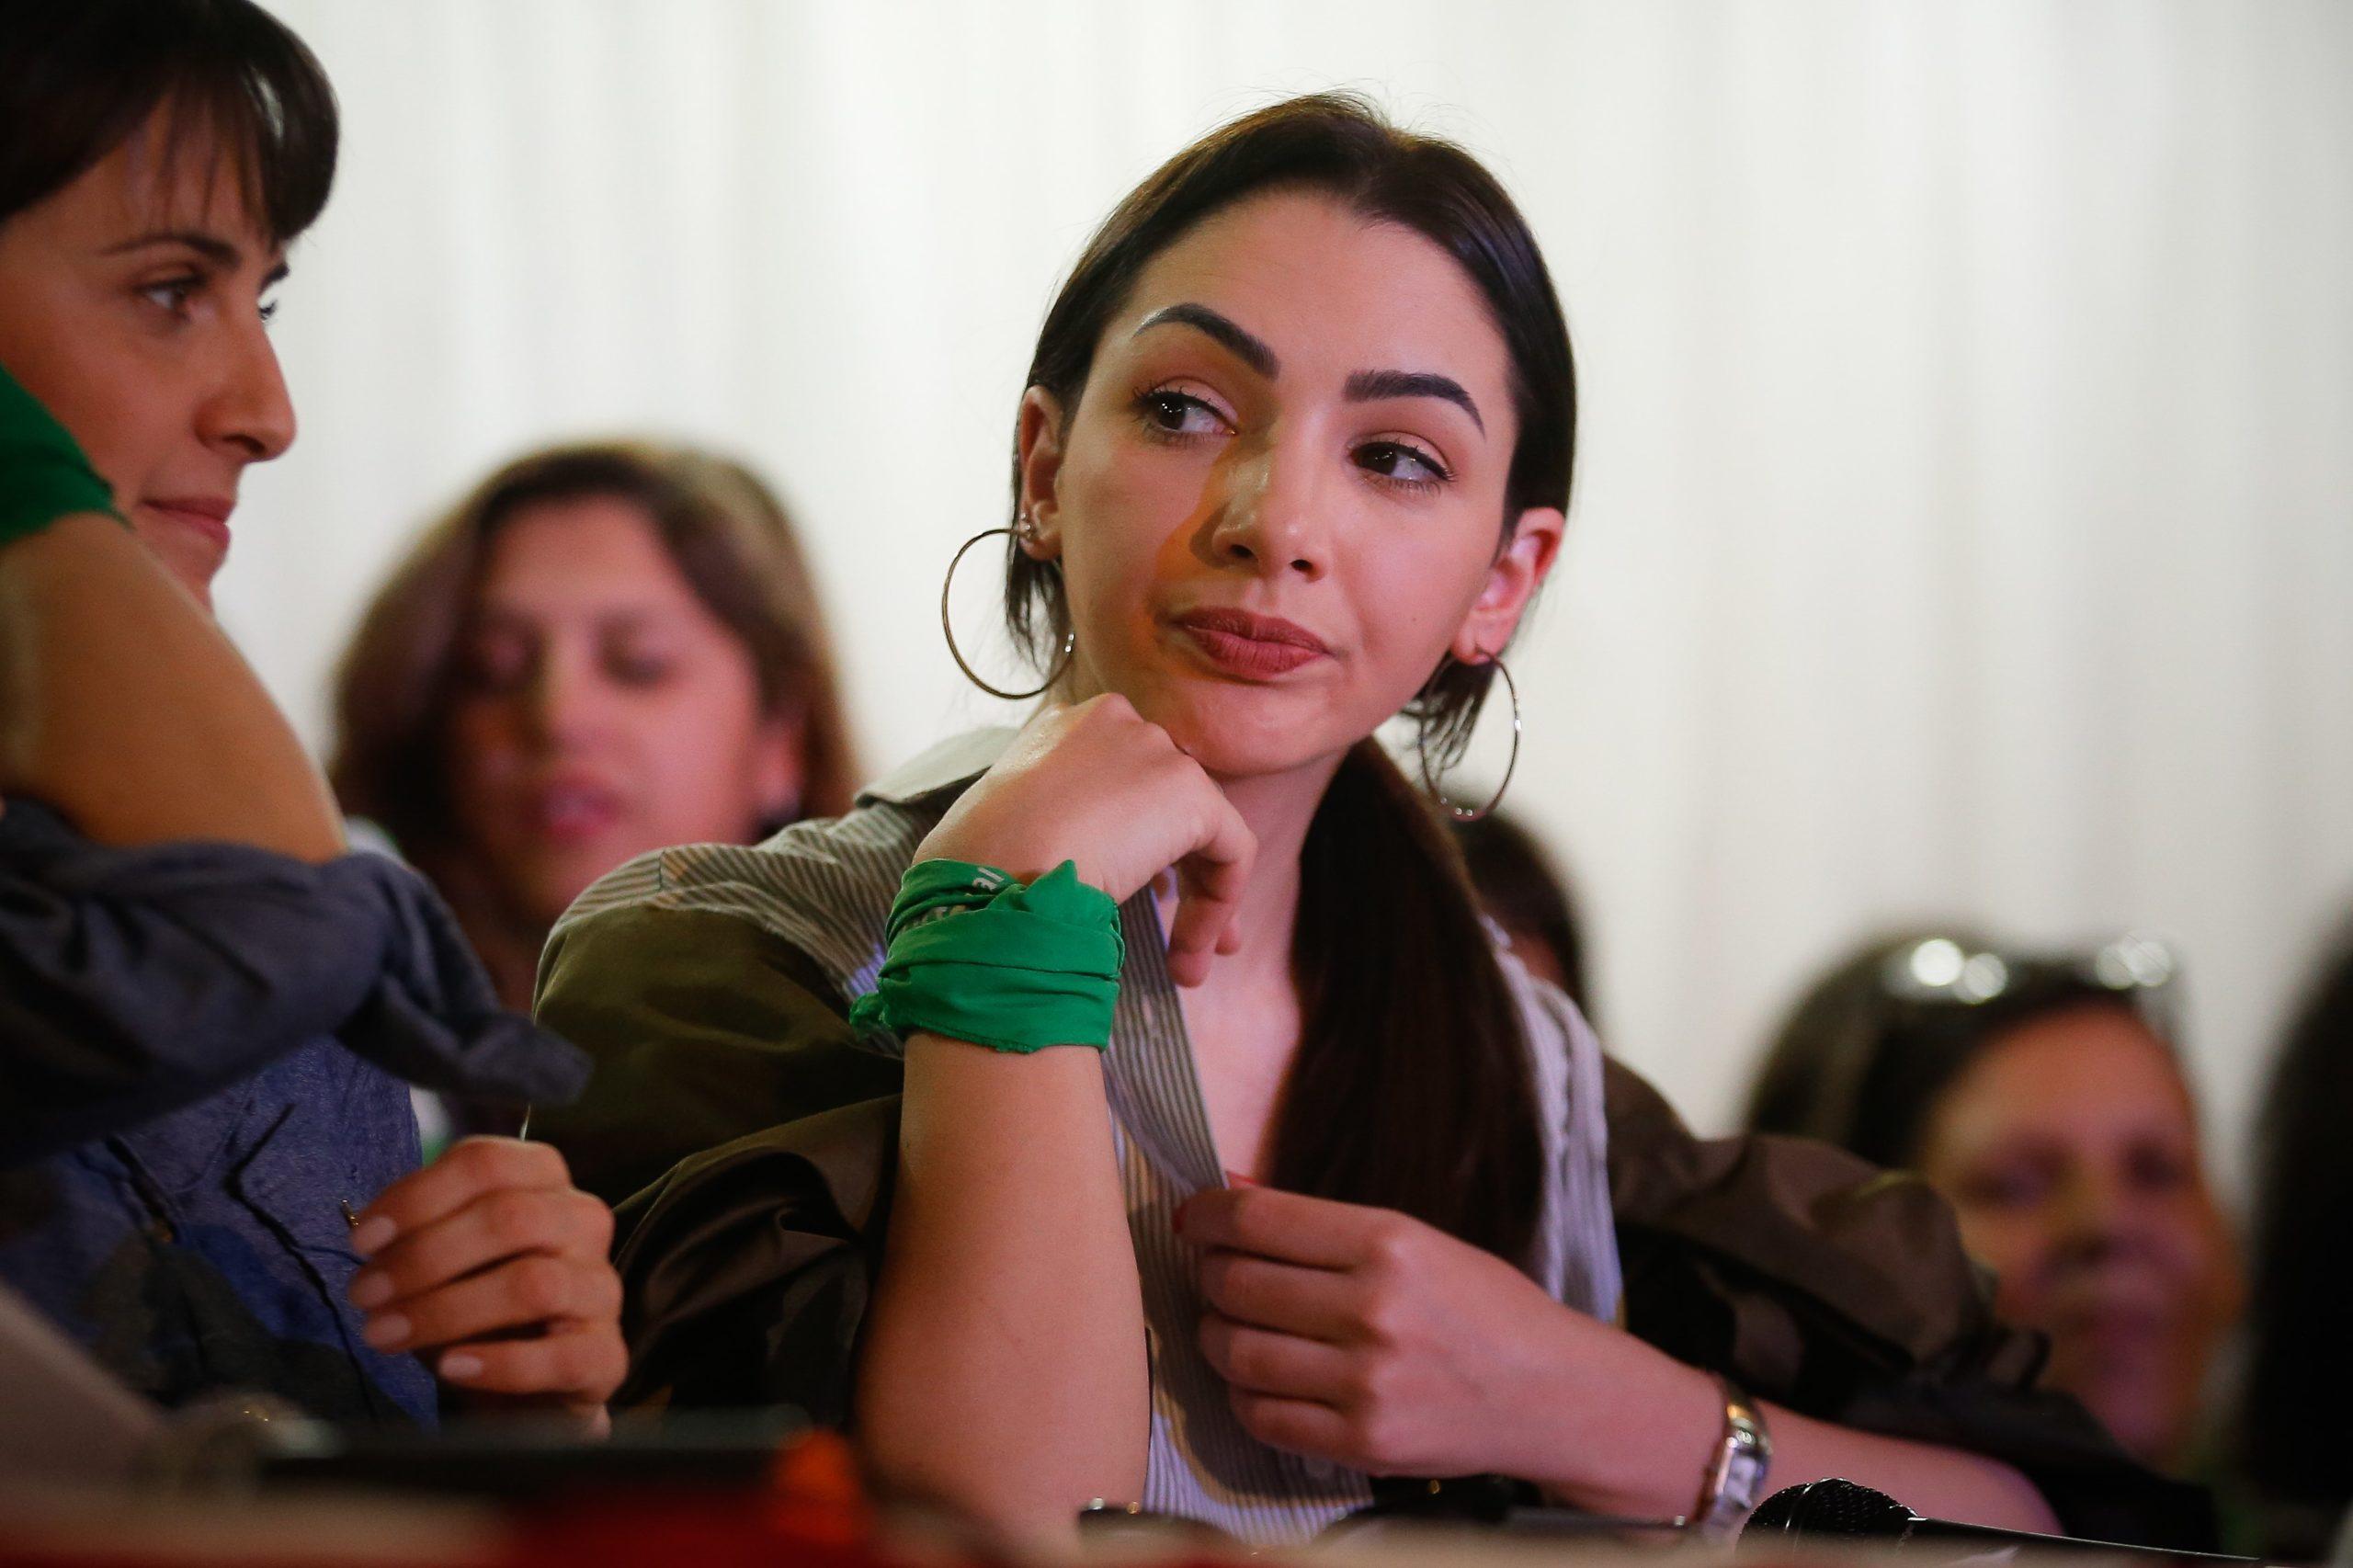 La ola latinoamericana del #MeToo en nueve testimonios